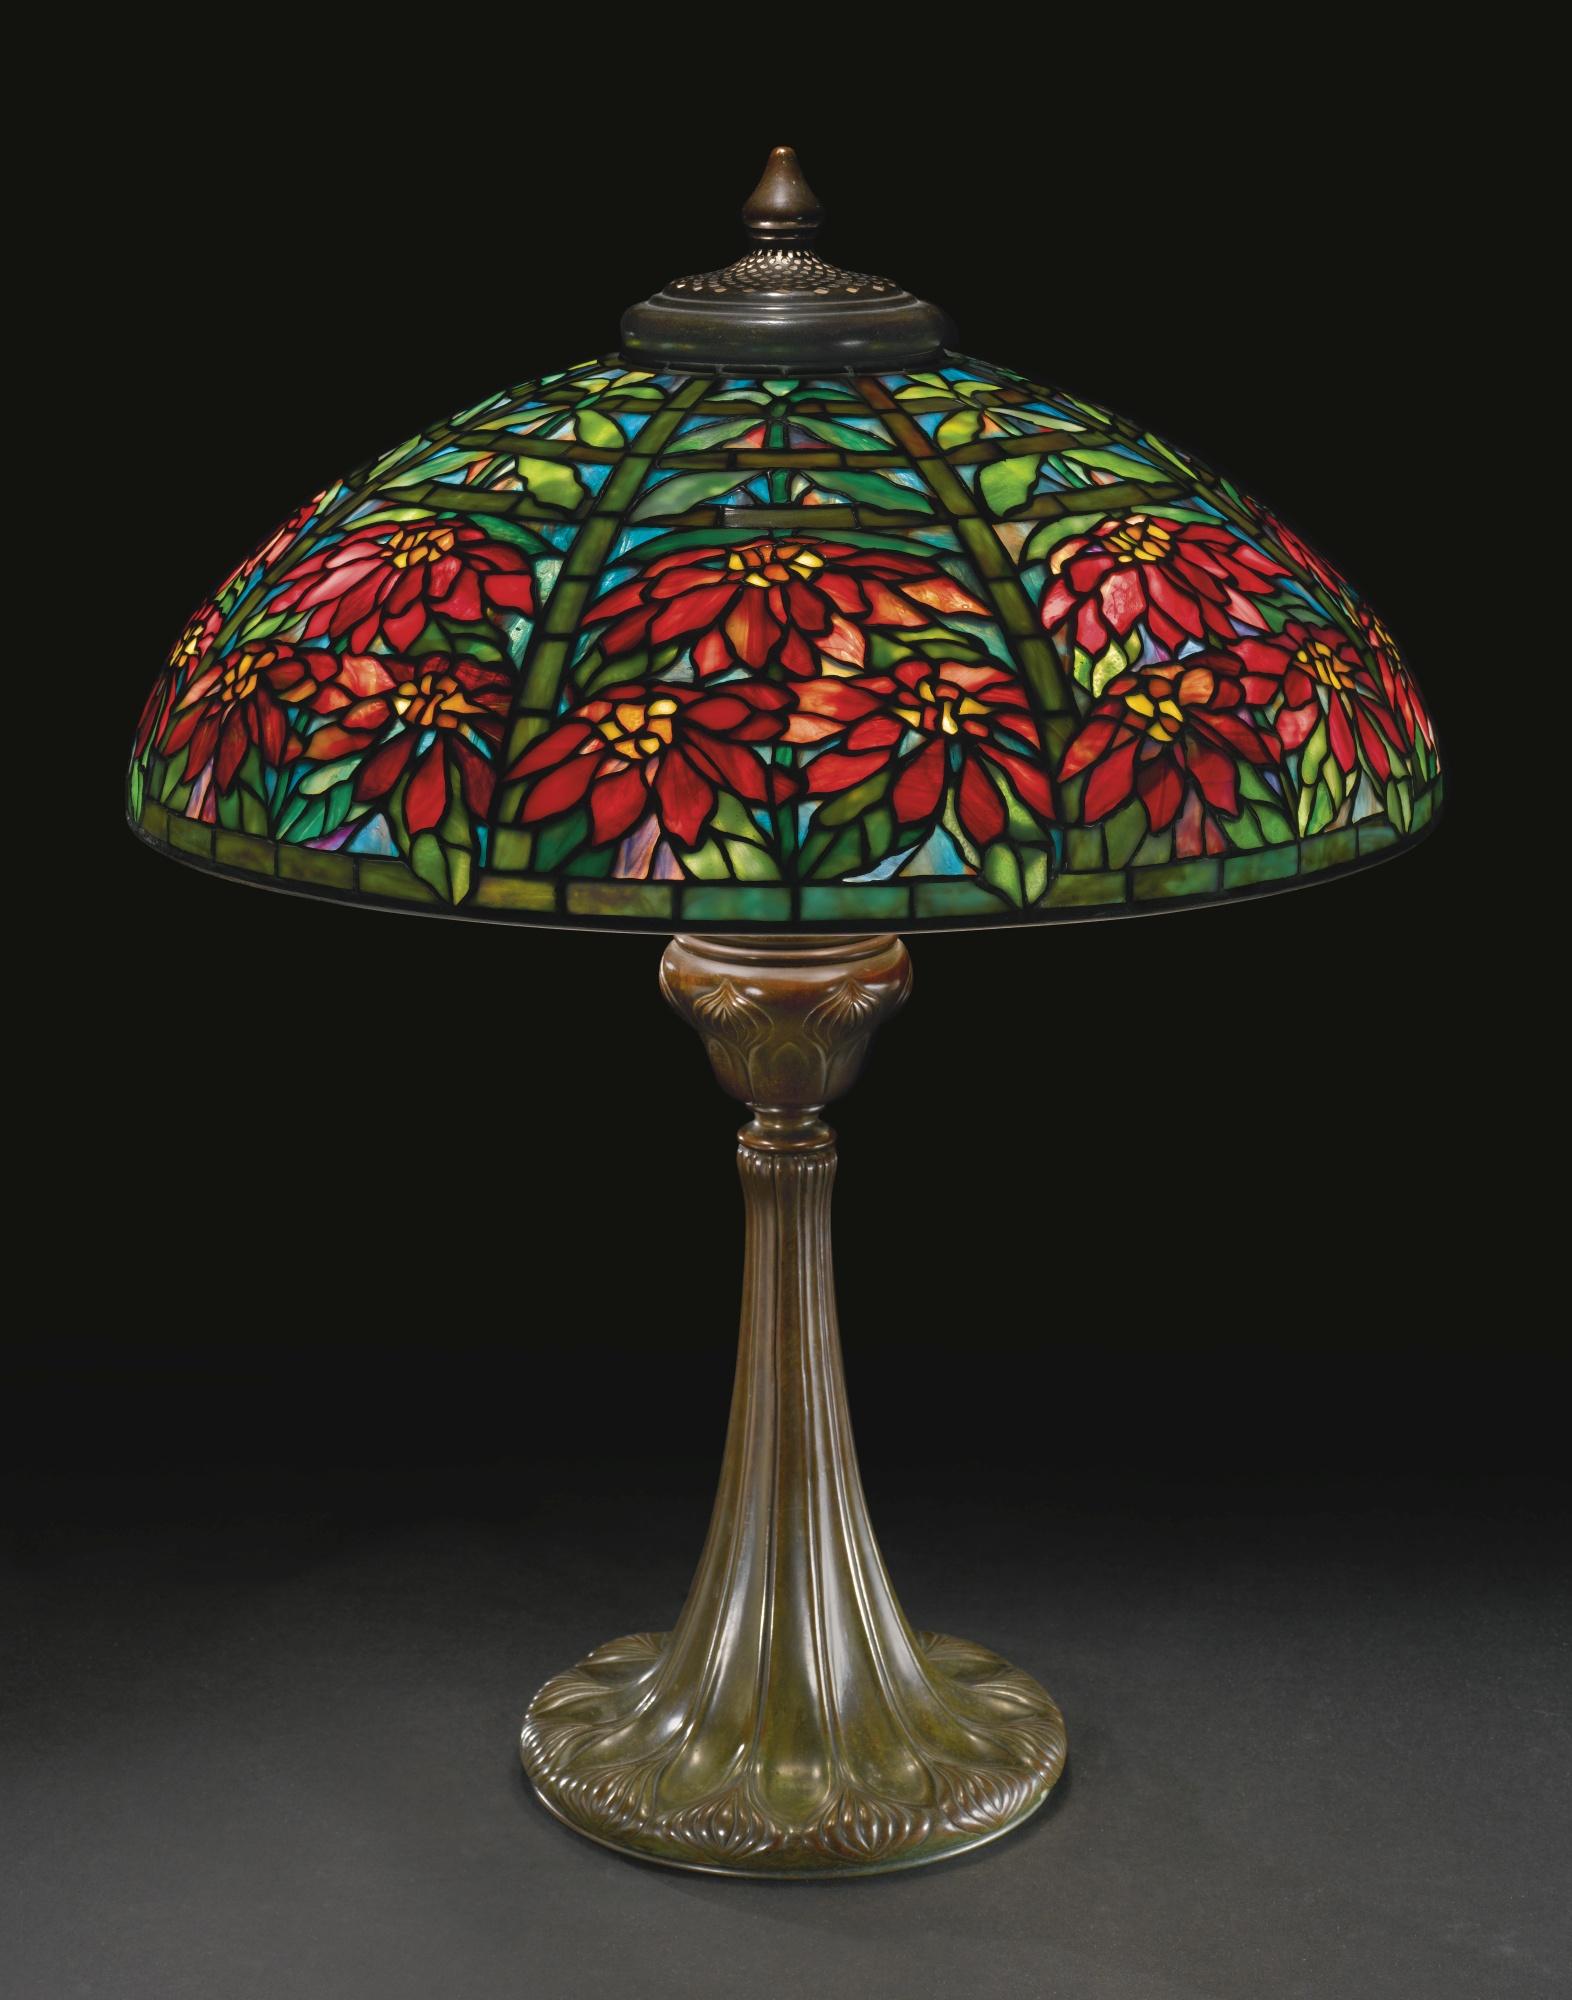 Lamp - Tiffany - Double Poinsettia Shade